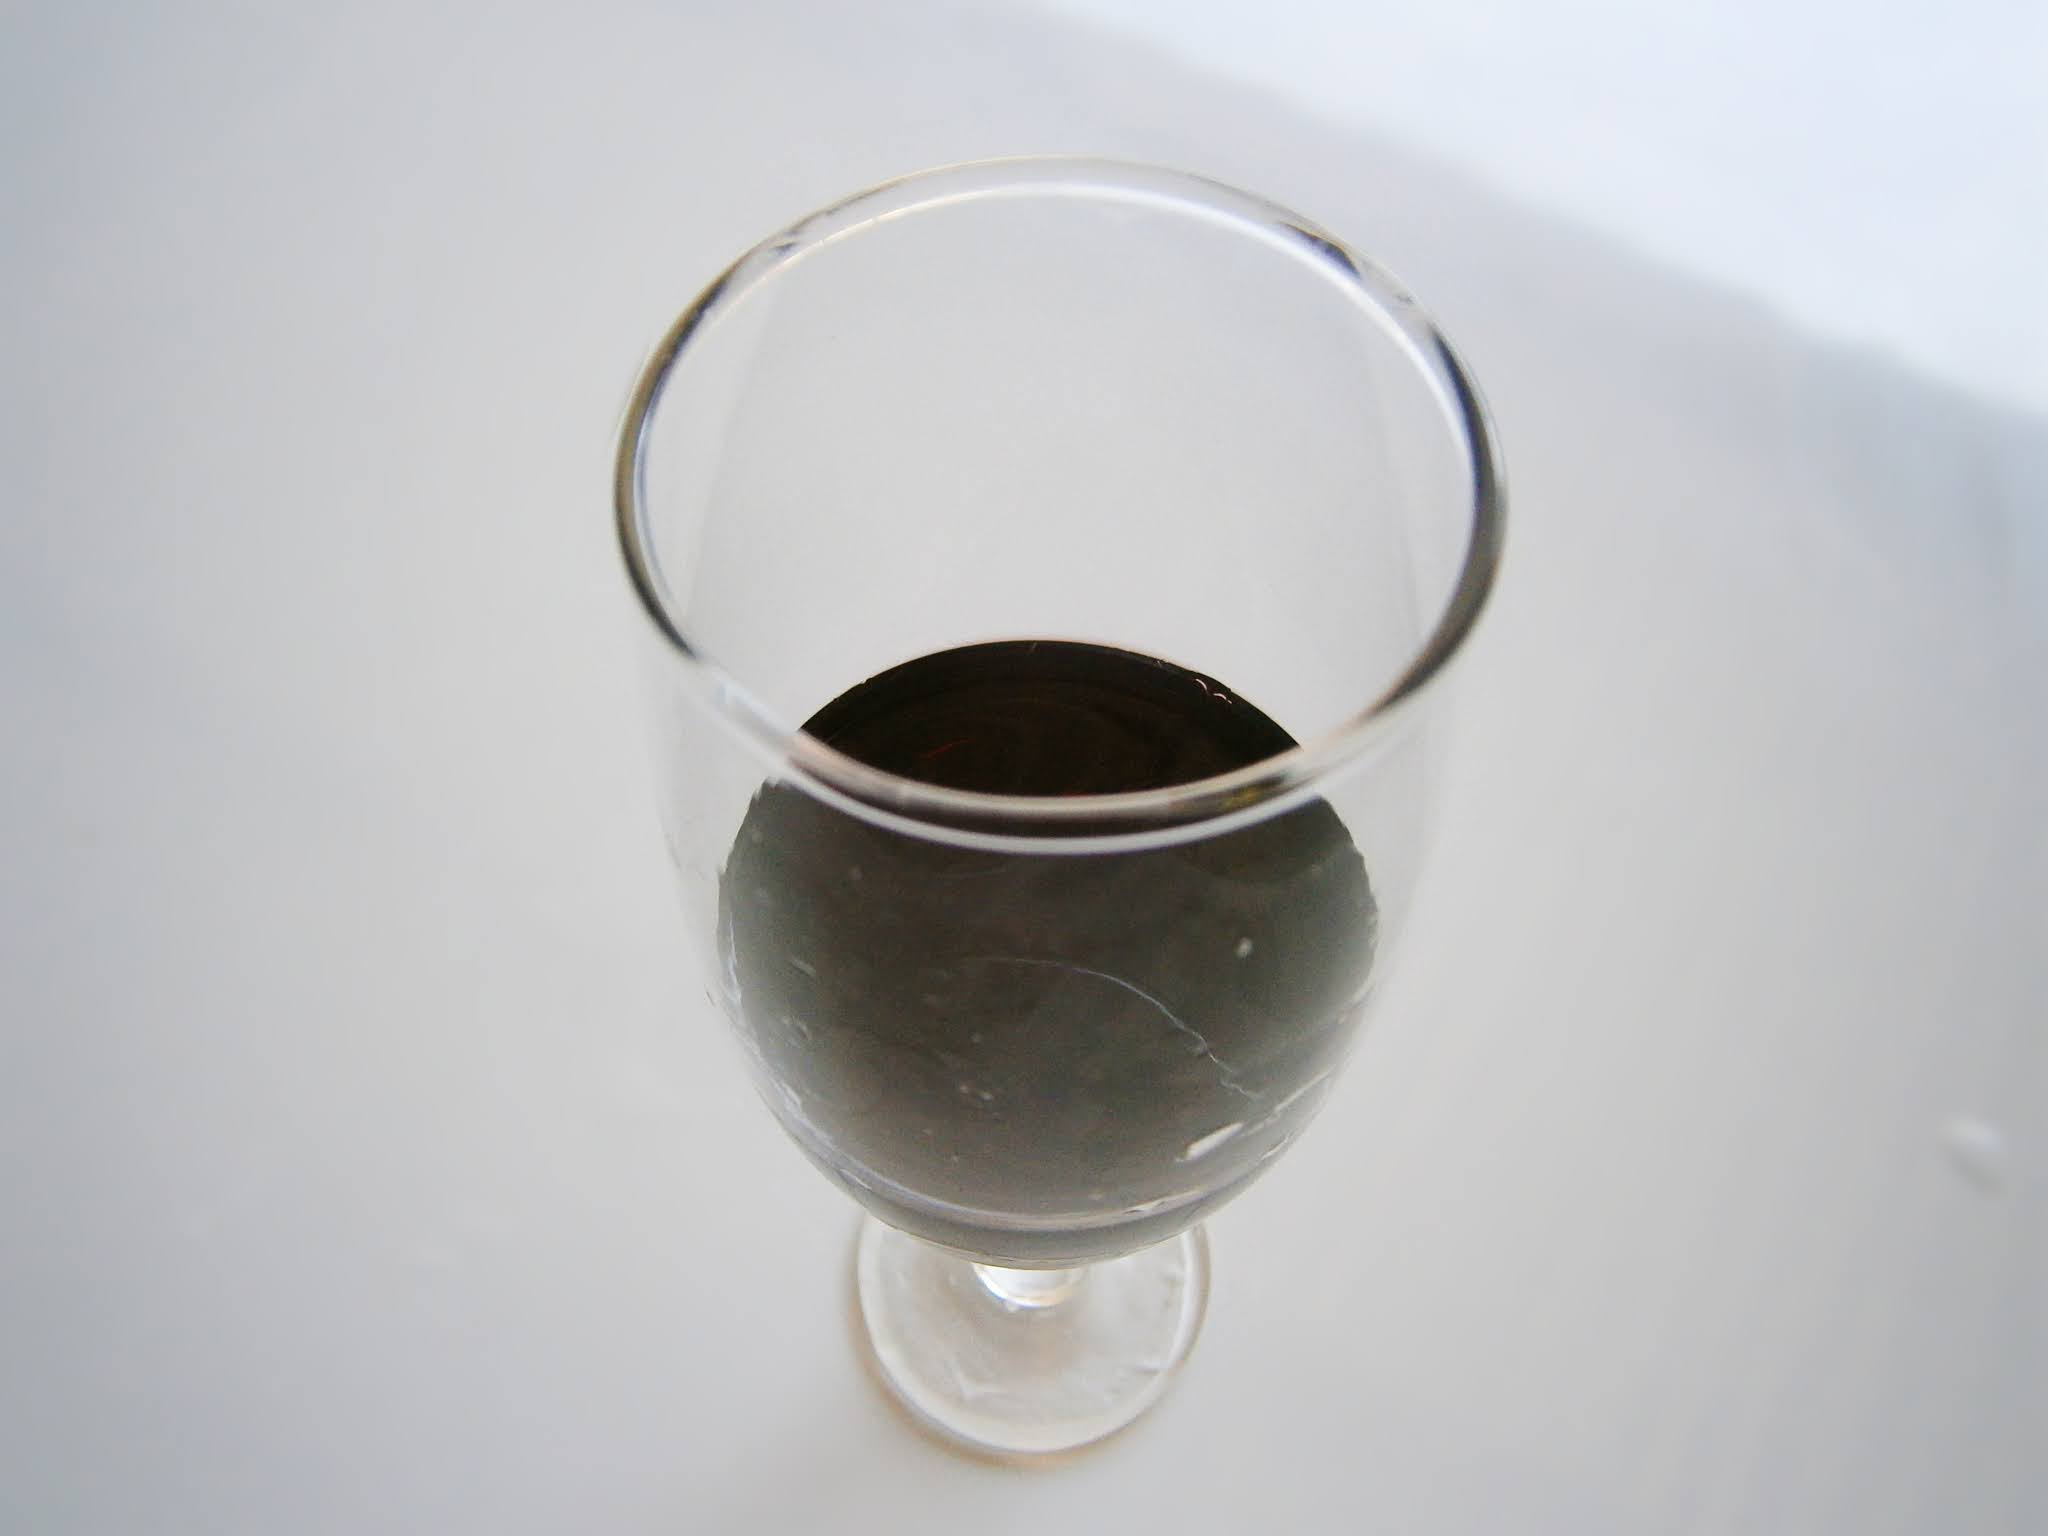 Copa de vino sobre un fondo de color blanco